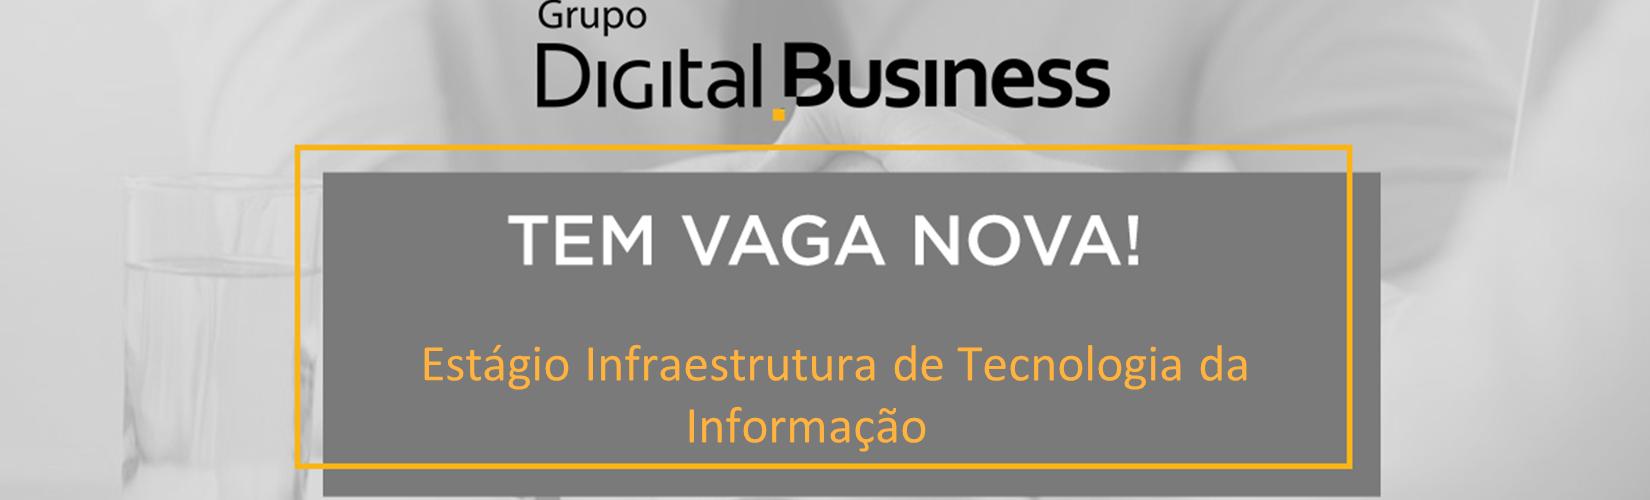 [DIGITAL BUSINESS] - Estágio Infraestrutura de Tecnologia da Informação